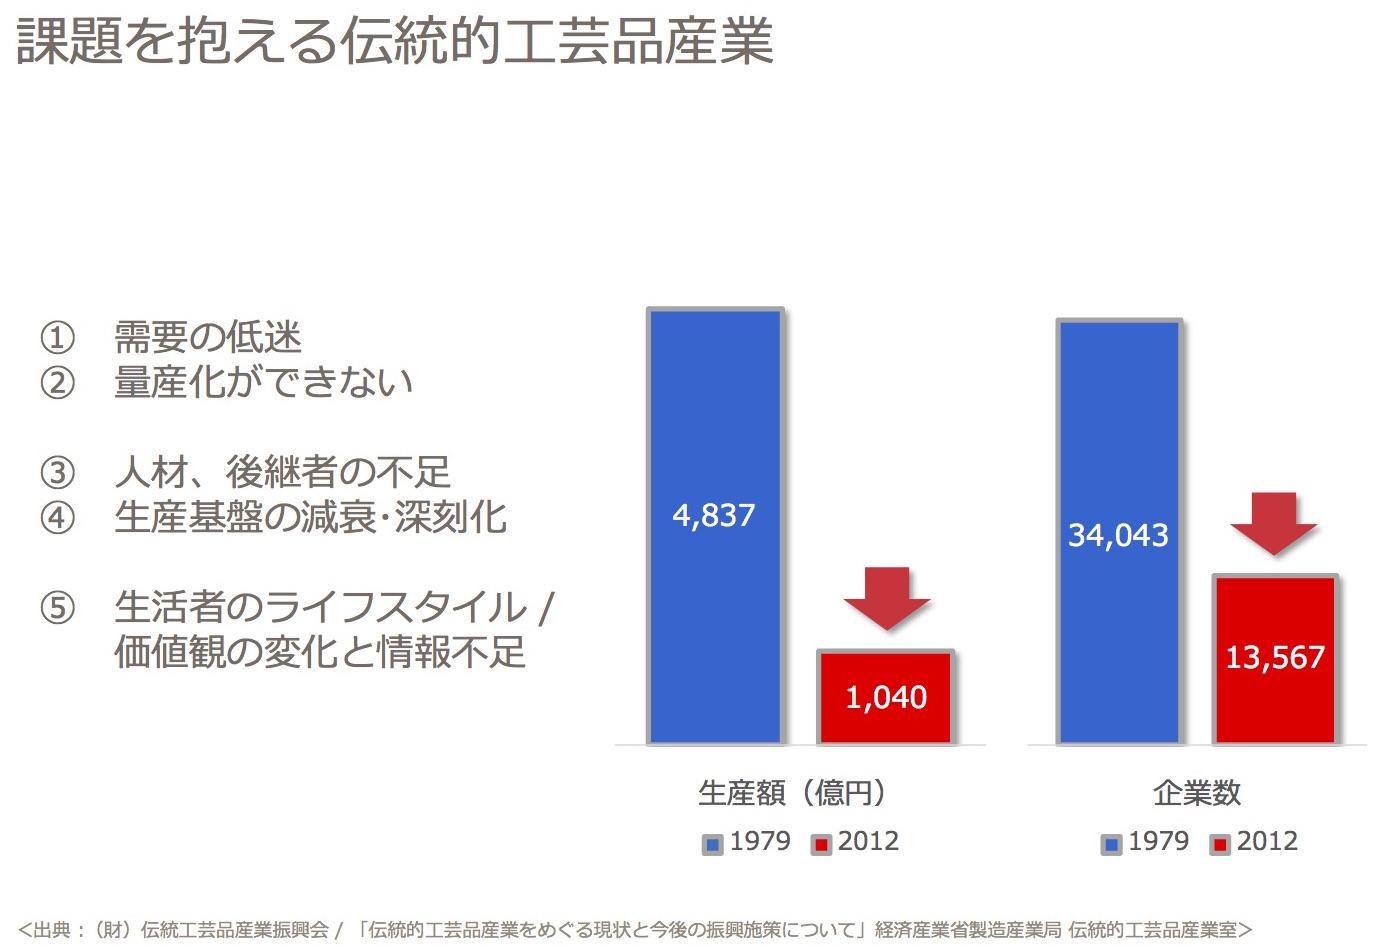 写真② 日本の伝統的工芸品産業の推移(生産額と企業数)